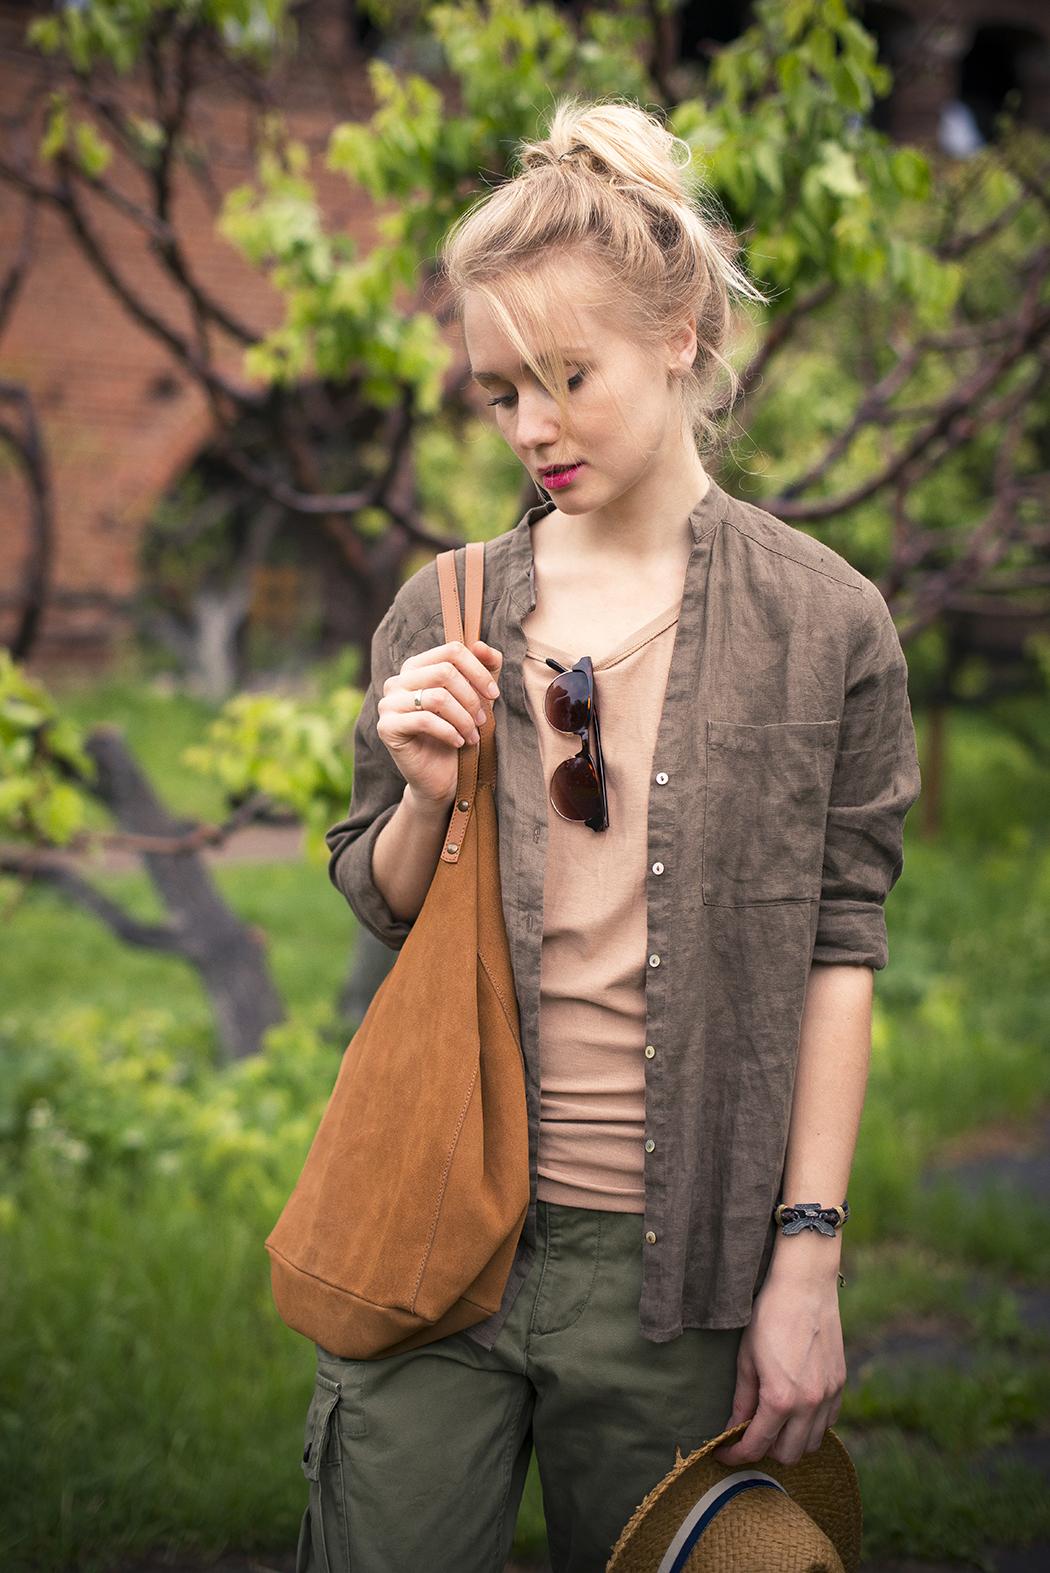 inspiration, streetstyle, spring outfit, moscow fashion week, annamidday, top fashion blogger, top russian fashion blogger, фэшн блогер, русский блогер, известный блогер, топовый блогер, russian bloger, top russian blogger, streetfashion, russian fashion blogger, blogger, fashion, style, fashionista, модный блогер, российский блогер, ТОП блогер, ootd, lookoftheday, look, популярный блогер, российский модный блогер, russian girl, с чем носить гладиаторы, с чем носить слипоны, sleepons, plimsols, как одеться весной, модные весенние аксессуары, pastel heels, boyfriend jeans, тенденции обувь 2015, модная обувь 2015, что будет модно летом 2015, обувь 2015, boho style, 70's style, boyfriend jeans, H&M Studio 2015, stefanel summer 2015, aldo, aldo ss 2015, стиль хиппи, с чем носить мокасины, французский стиль, festival style, dress with boots, платье с ботинками, сумка с бахромой, одежда с бахромой, fringe, с чем носить макси платье, fringe heels, fringe bag, обувные тренды 2015, модная обувь 2015, с чем носить красные босоножки, trainers with dress